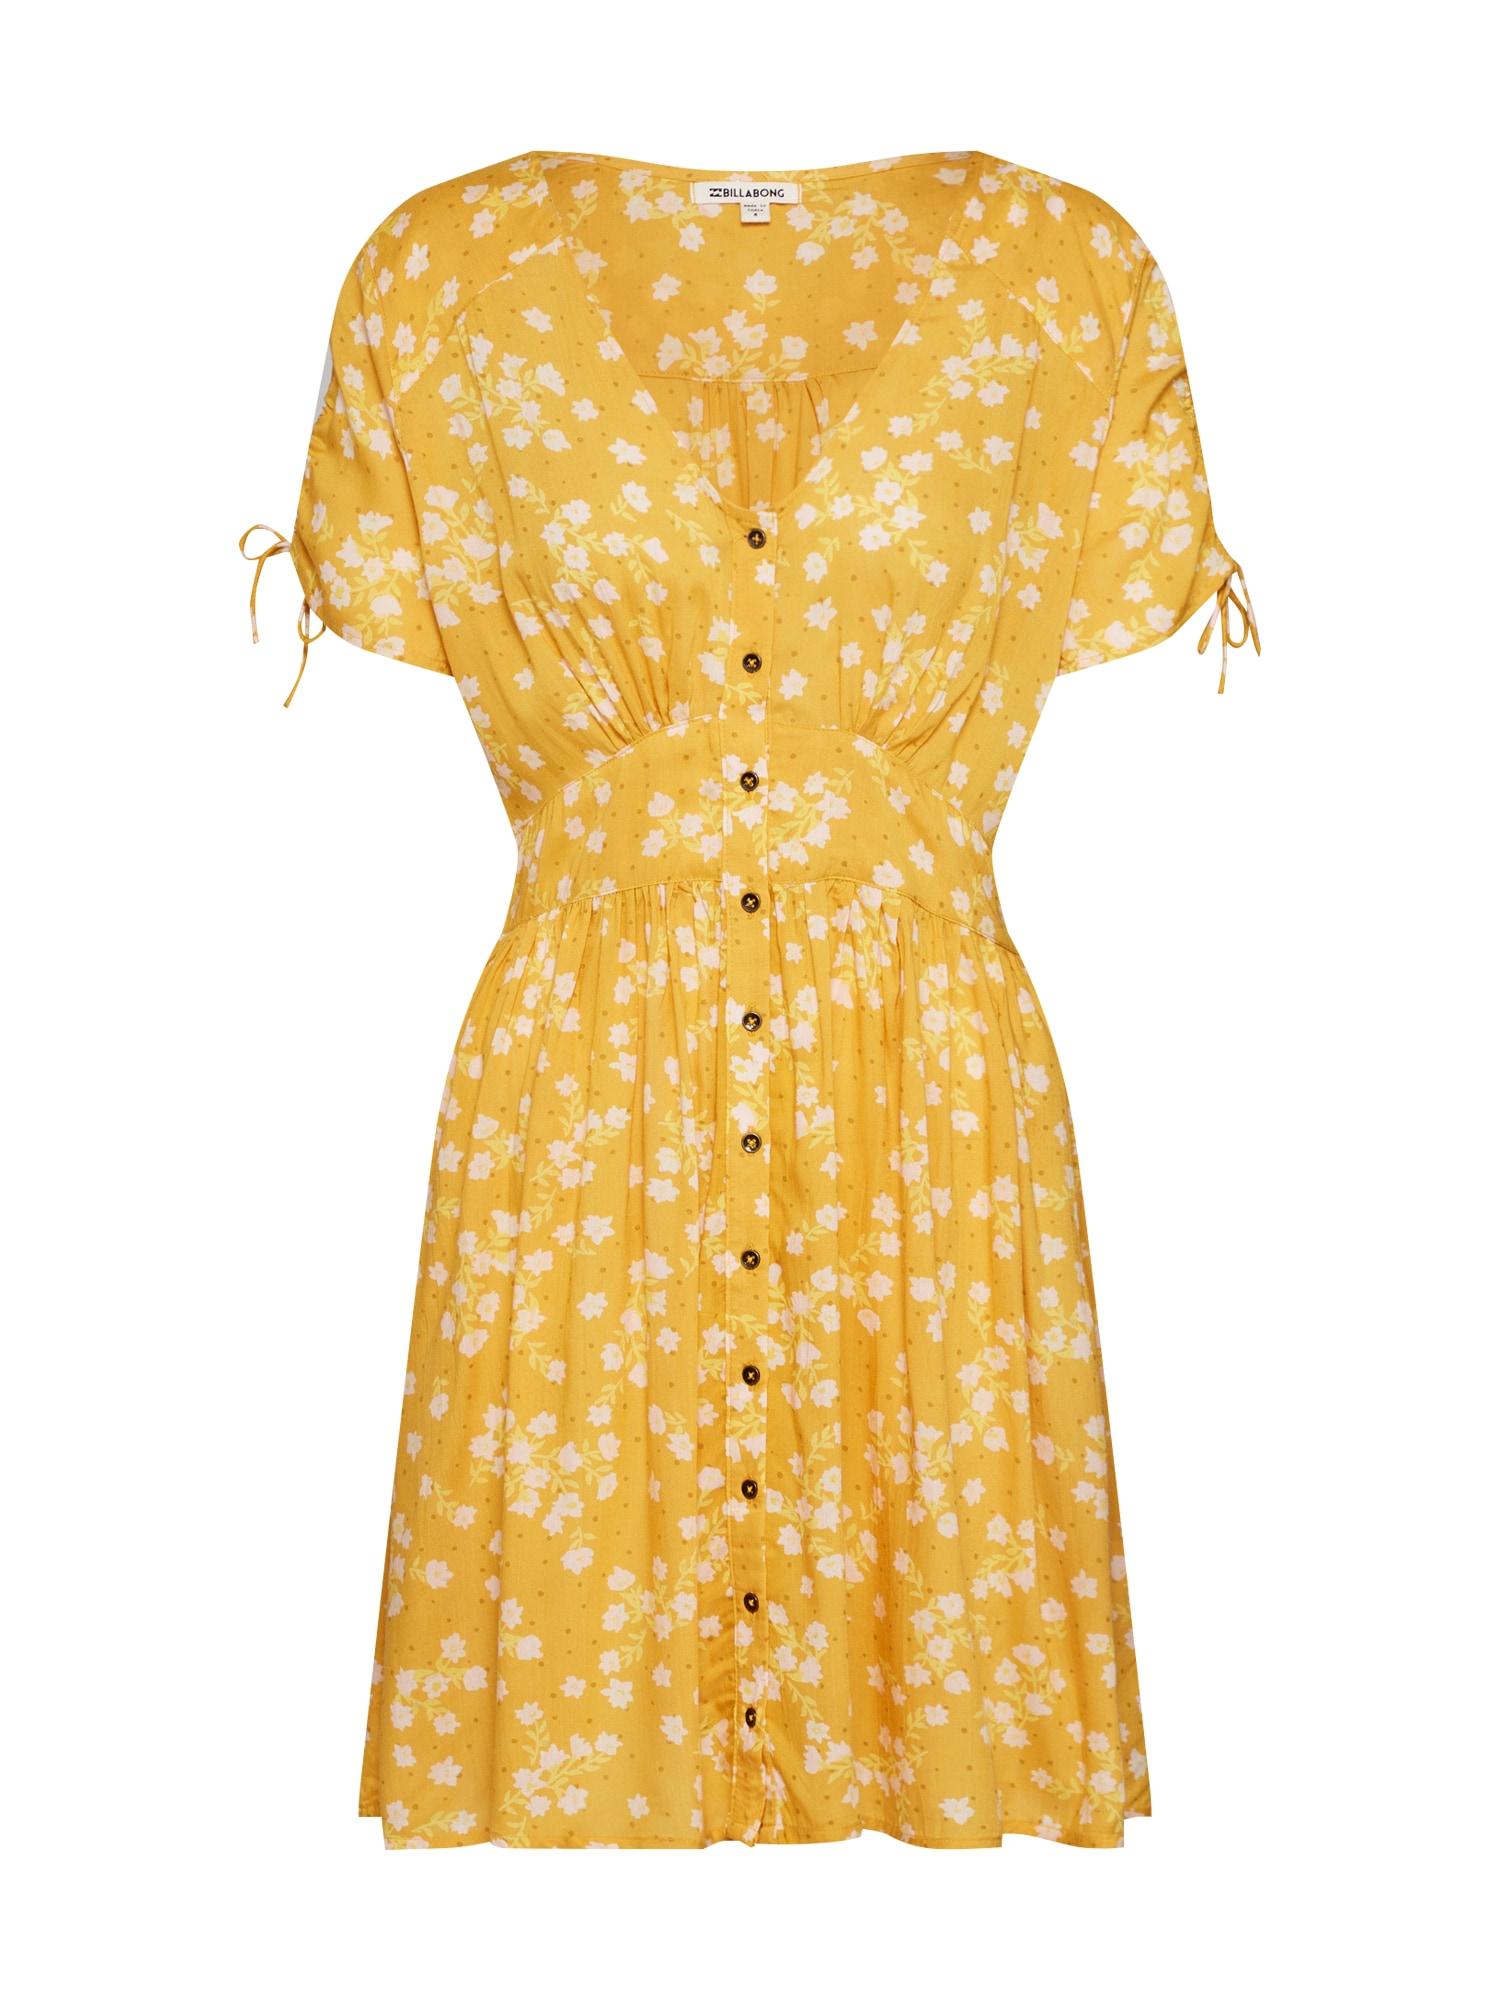 Letní šaty TWIRL TWIST žlutá bílá BILLABONG